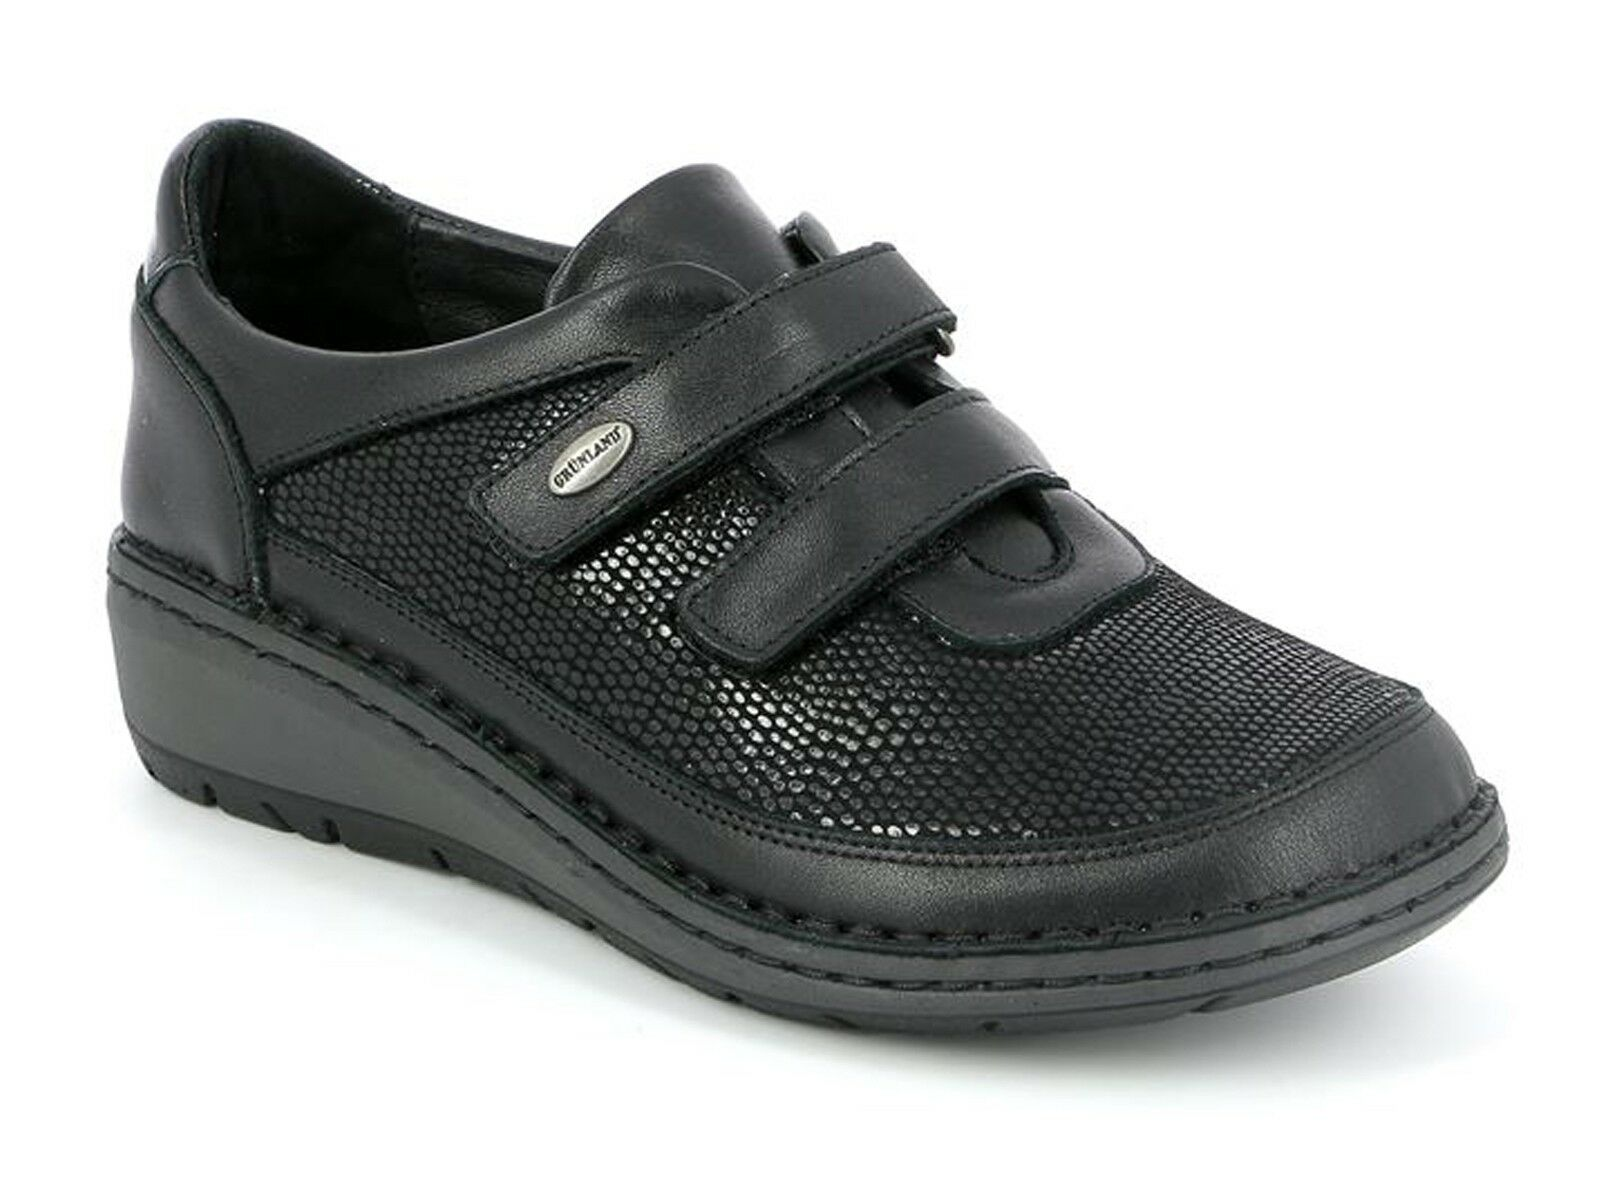 zapatos zapatillas A A A DOPPIO STRAPPO mujer GRUNLAND INVERNO SC4029  NESI negro ef7546